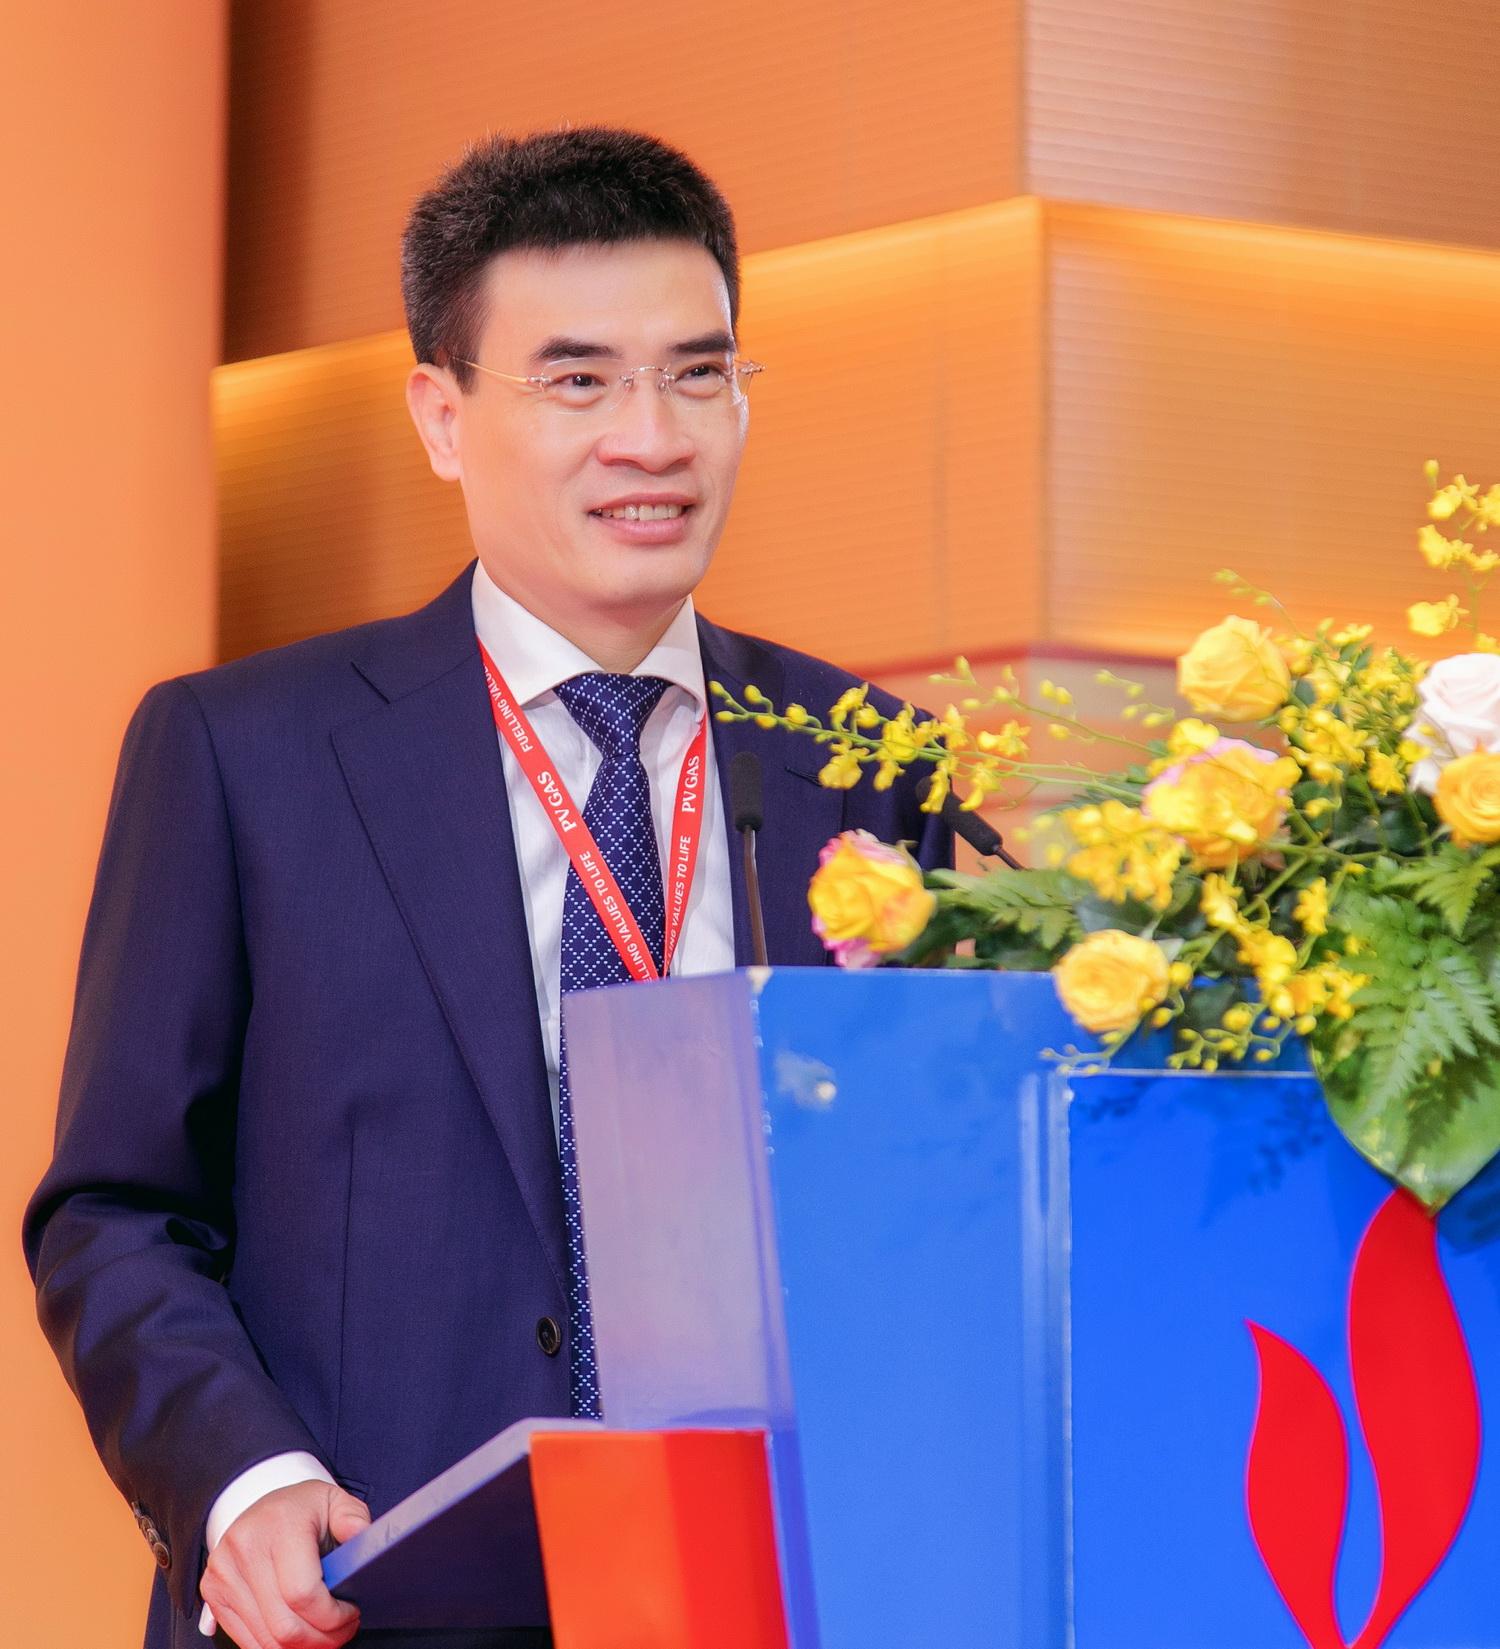 Thay mặt các cán bộ nhận quyết định, ông Dương Mạnh Sơn, TGĐ PV GAS phát biểu với lời hứa quyết tâm